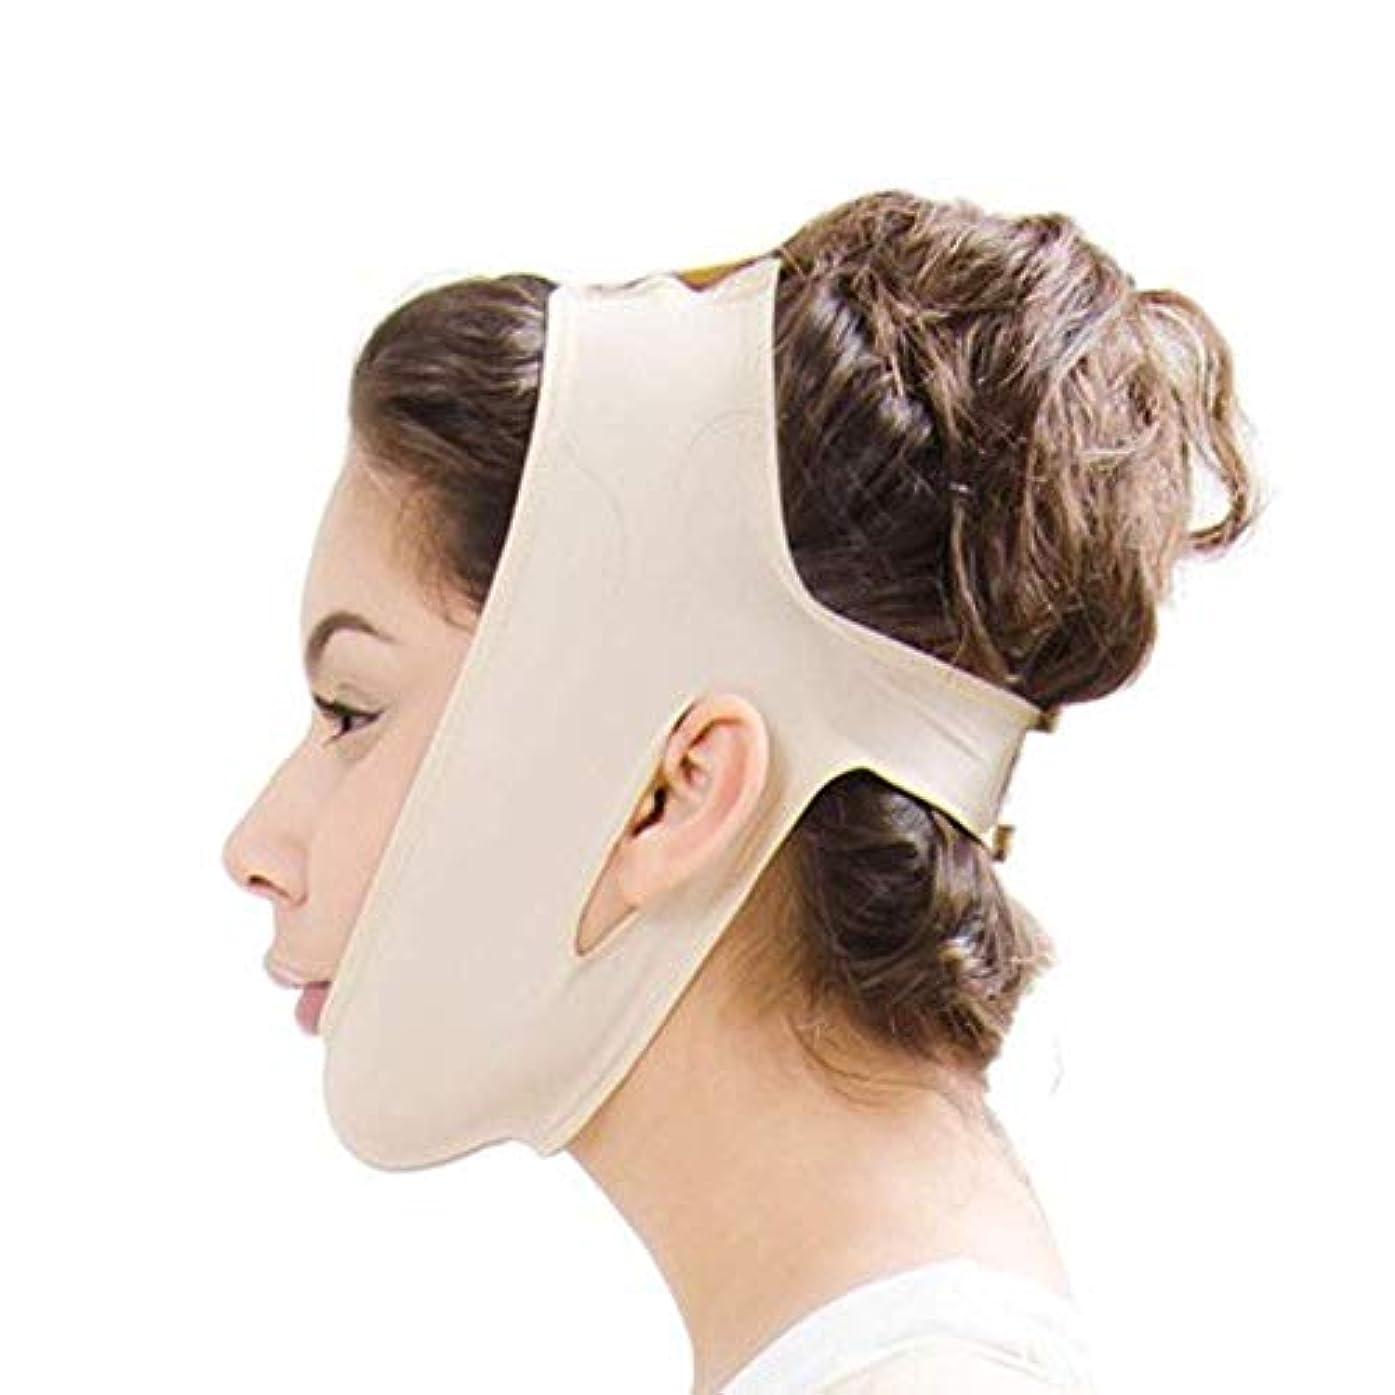 コック仮称ハムフェイスリフティングマスク、フェイスダブルチンコンプレッションシンスモールVフェイスバンデージヘッドギアリフティングファーミングスキン(サイズ:Xl)